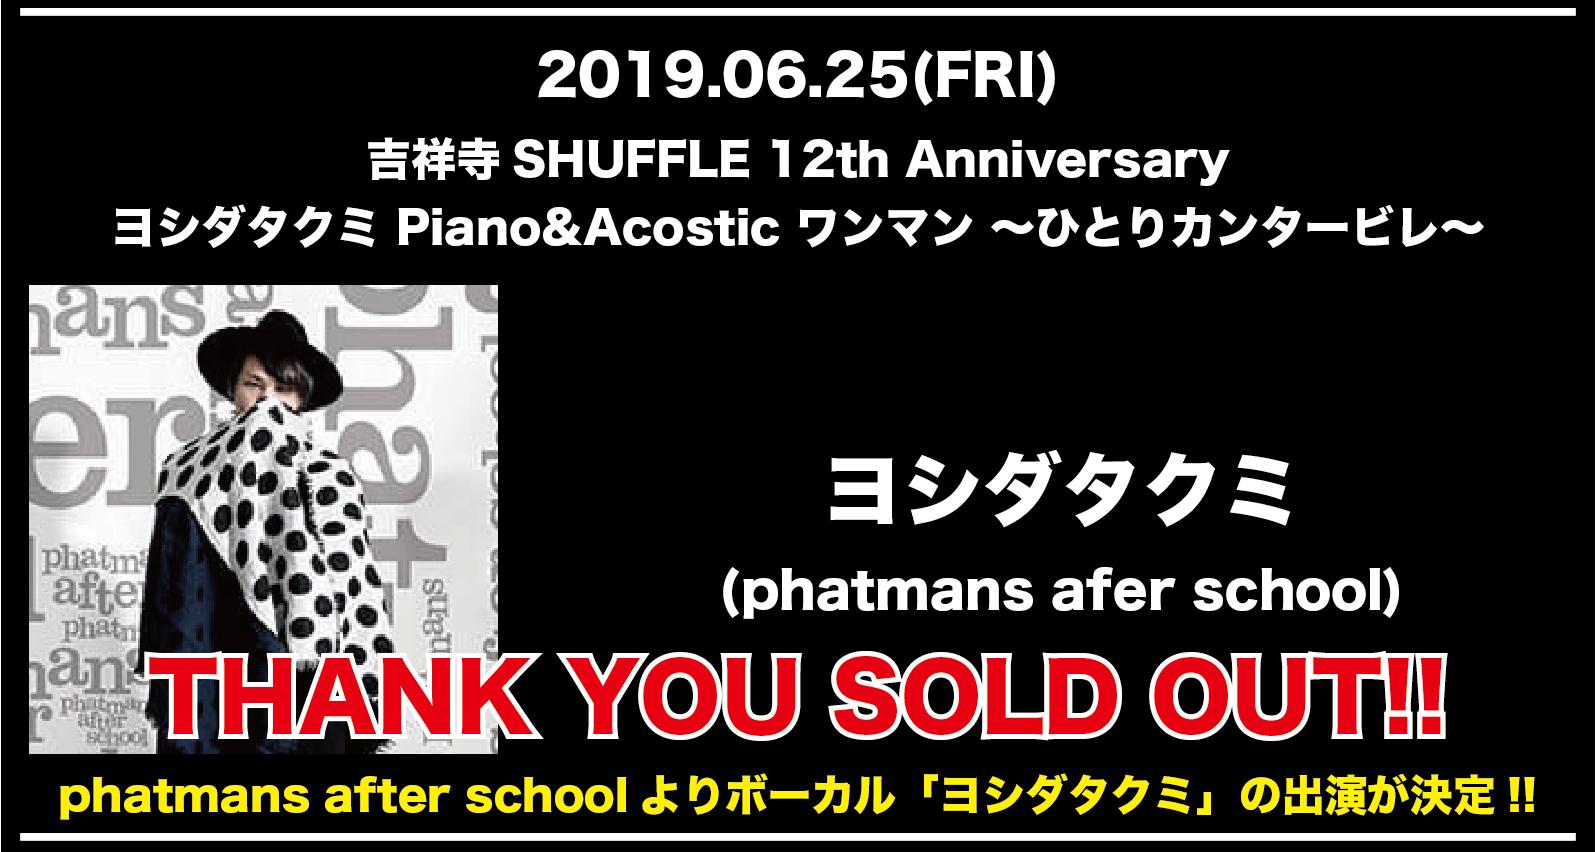 吉祥寺SHUFFLE 12th Anniversary ヨシダタクミ Piano&Acostic ワンマン ~ひとりカンタービレ~